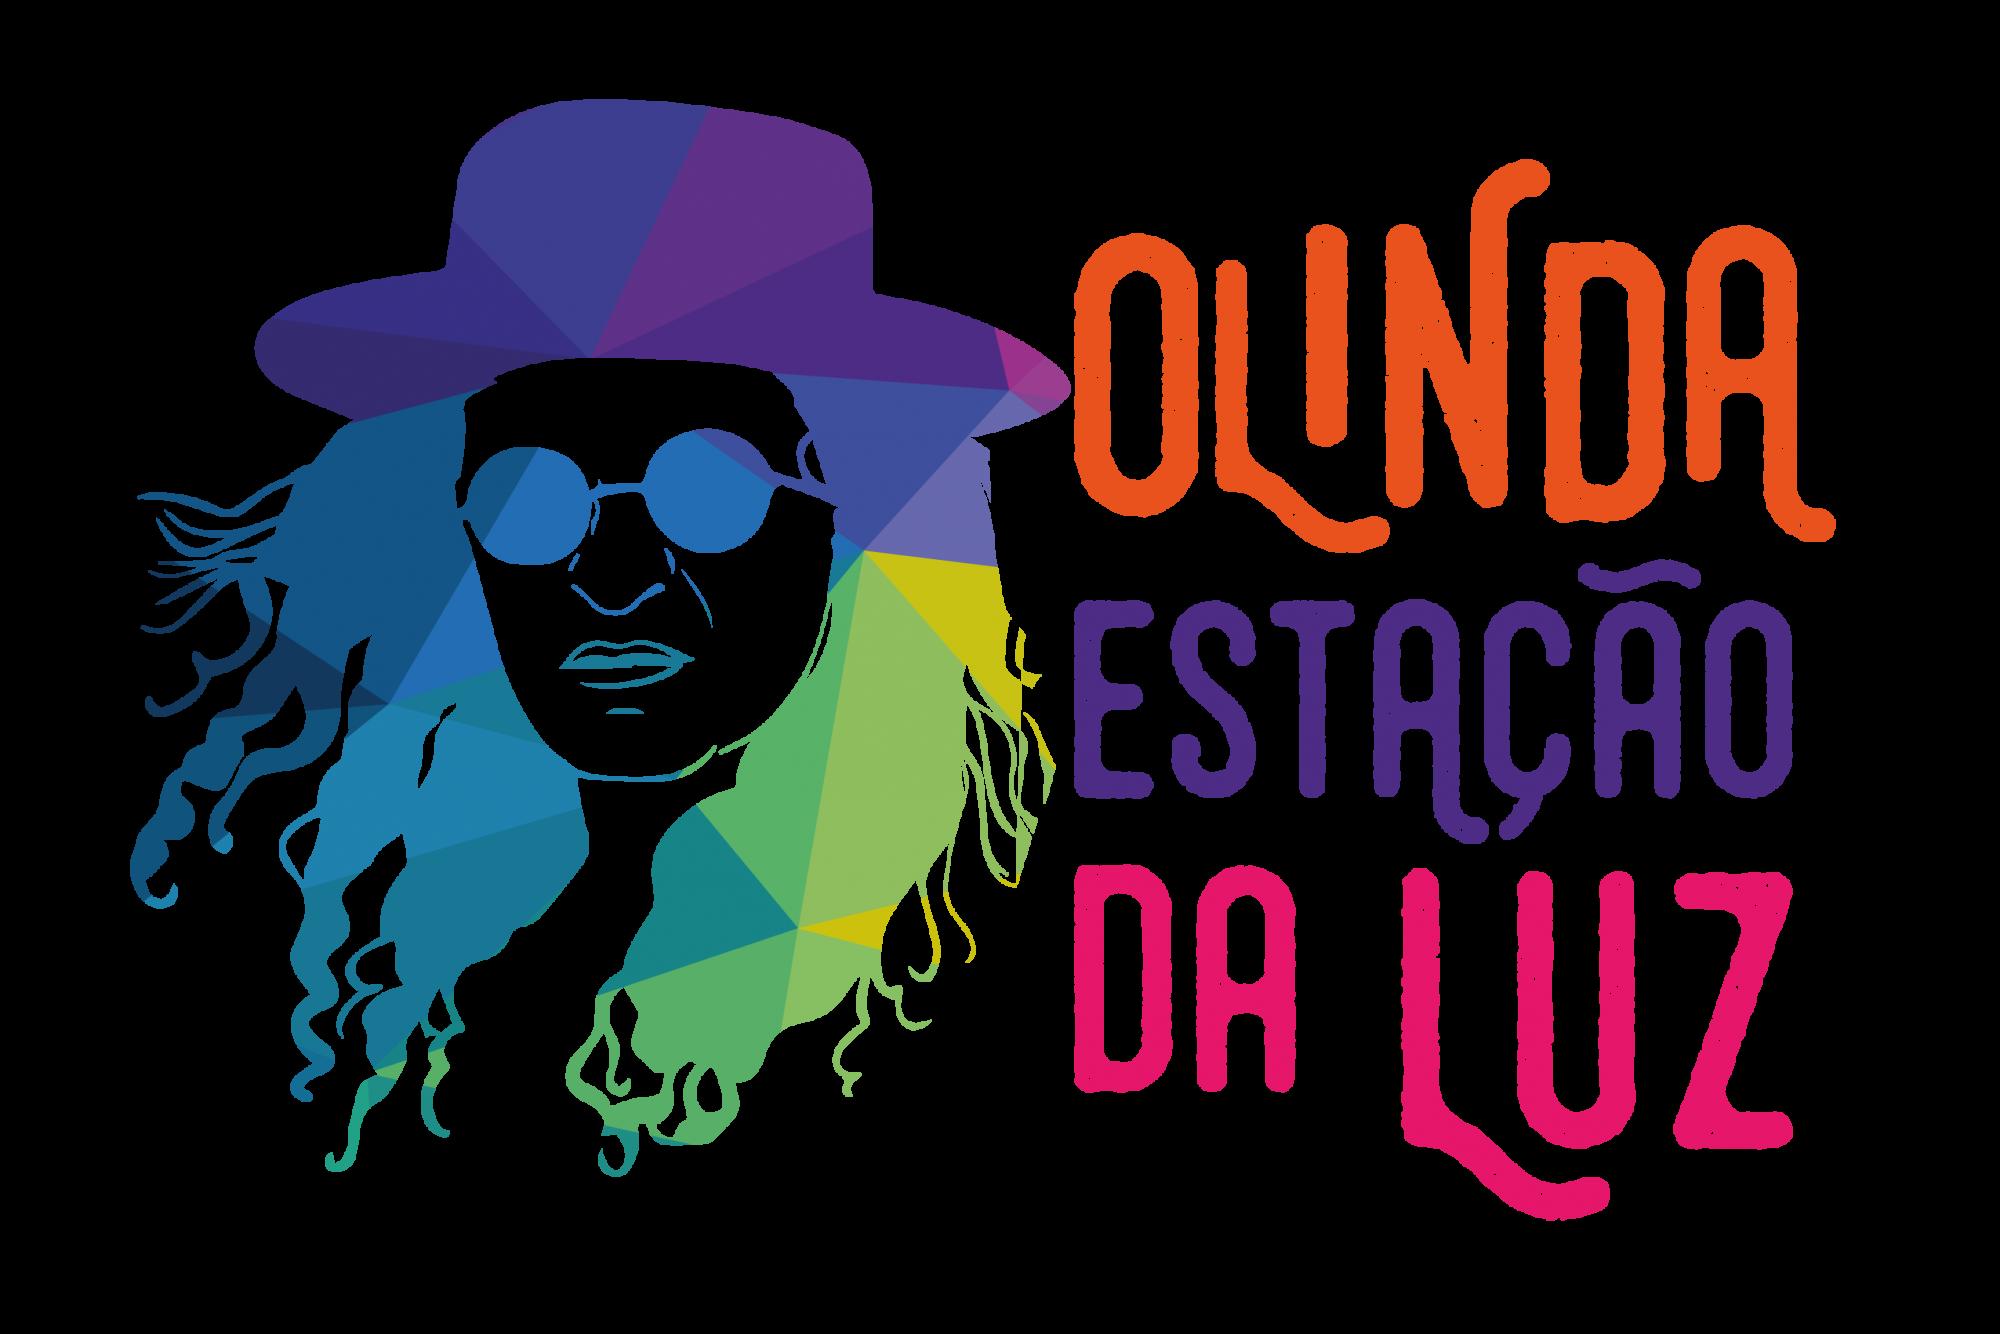 Estação da Luz abre para convidados durante dias de folia em Olinda